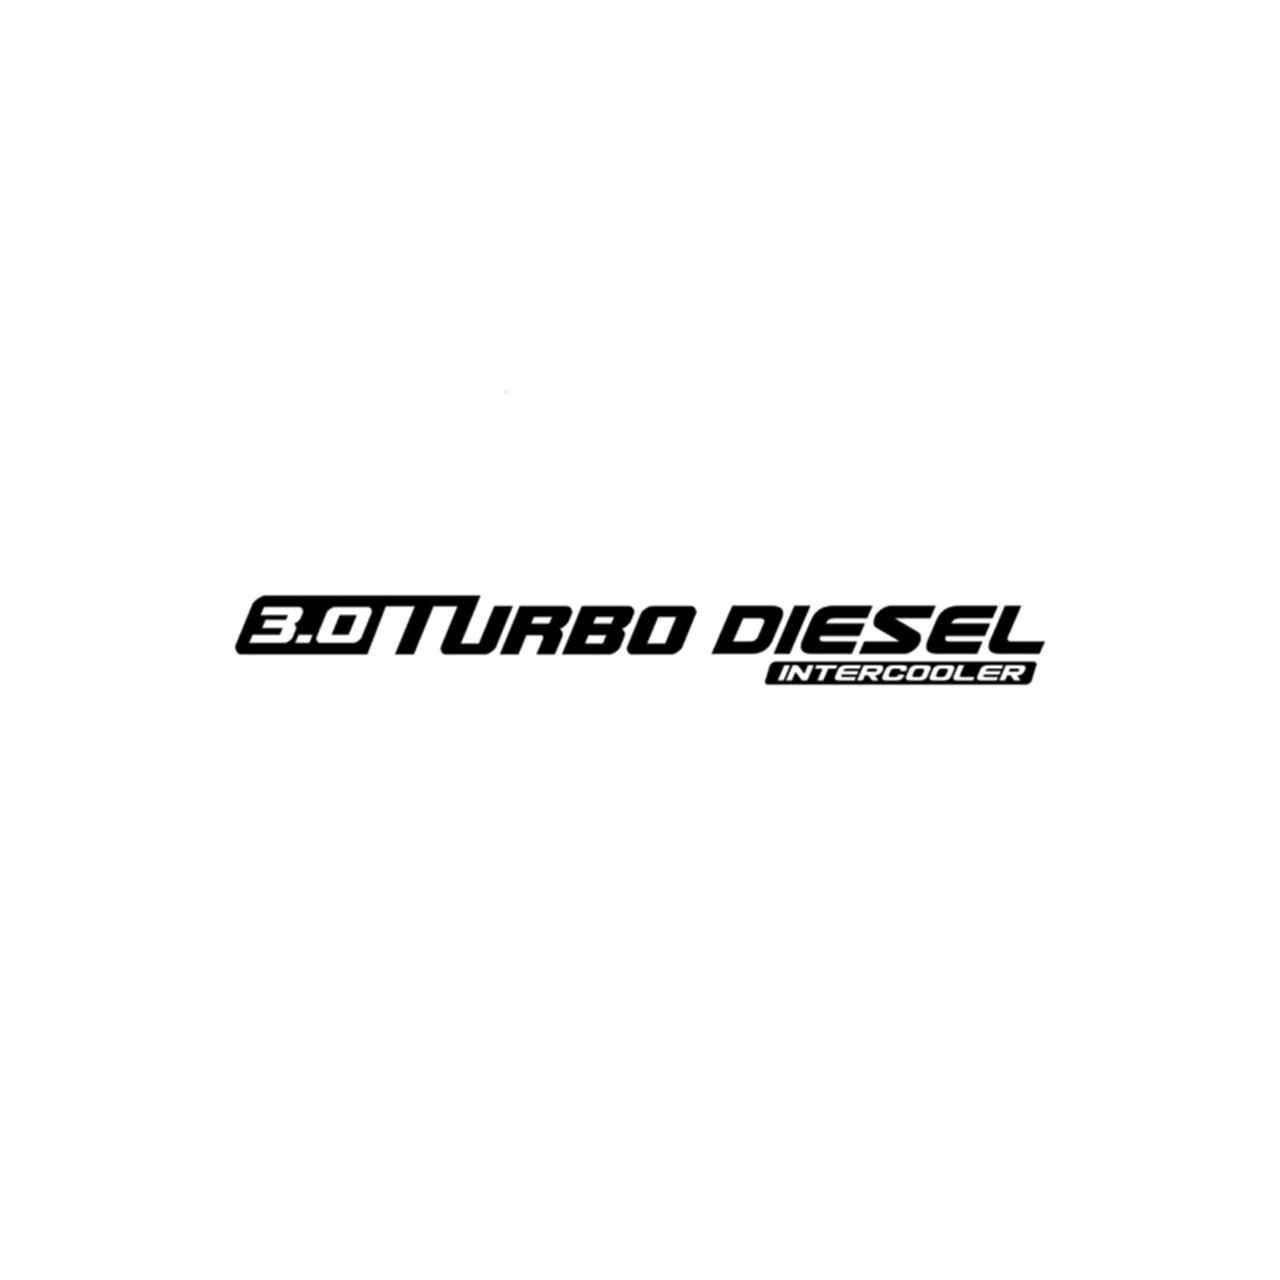 Chevrolet 3.0 Turbo Diesel Vinyl Decal Sticker